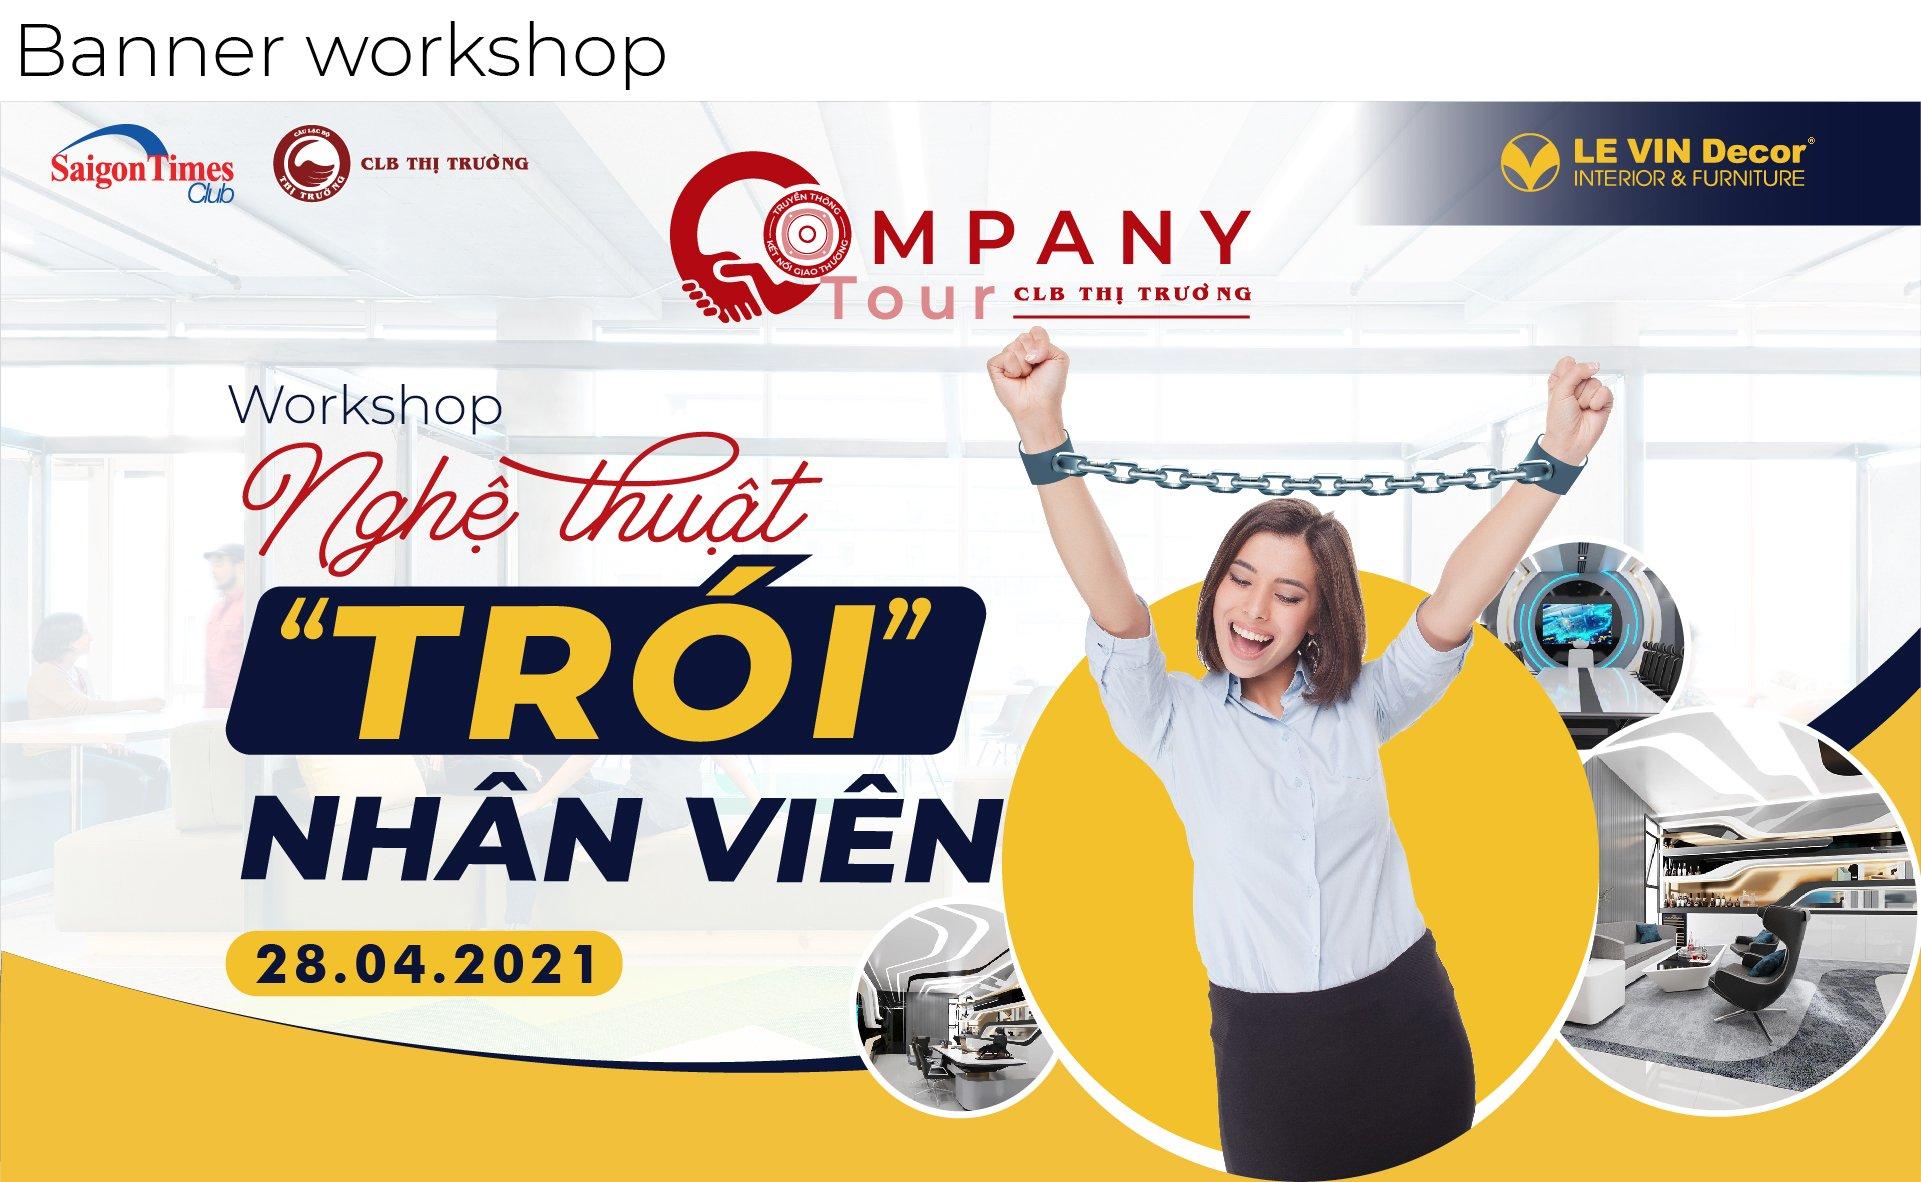 """Company Tour Tháng 4: Thăm DN Thành Viên Lê Vin Decor và tìm hiểu """"Nghệ Thuật """"trói"""" chân nhân viên?"""